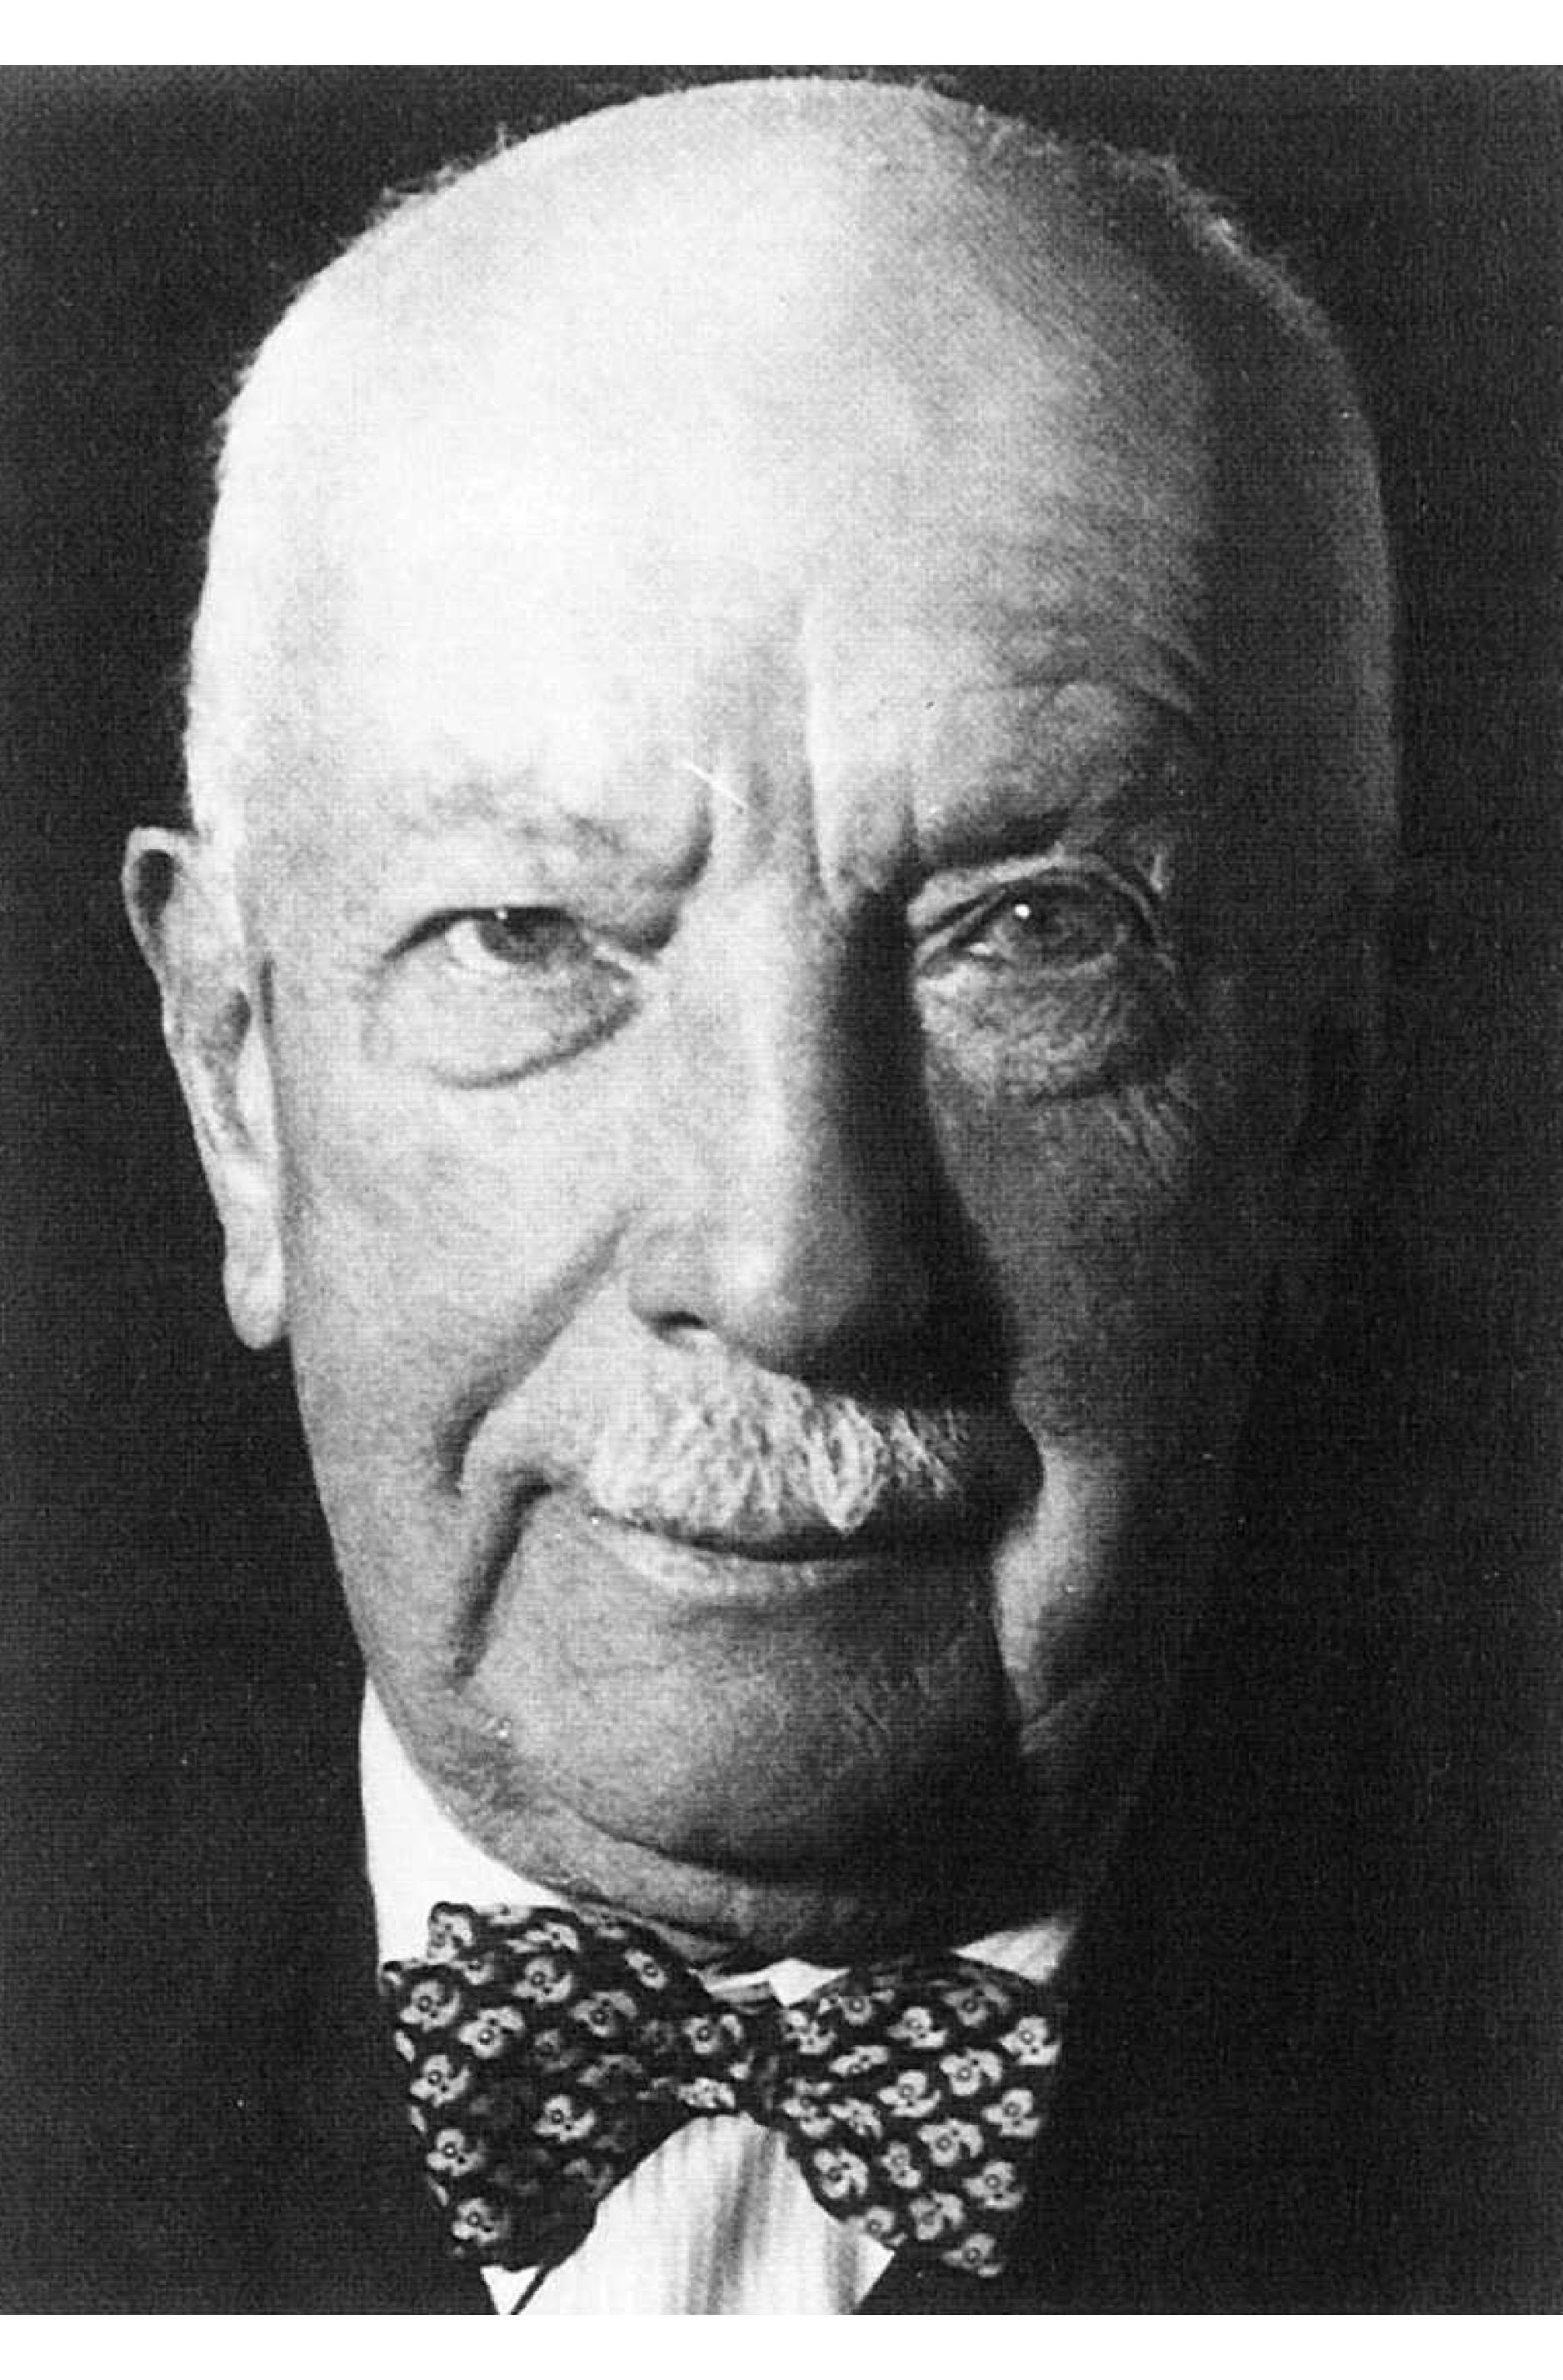 richard strauss Richard georg straus (munique, 11 de junho de 1864 — garmisch-partenkirchen, 8 de setembro de 1949) foi um compositor e maestro alemão é considerado como um dos.